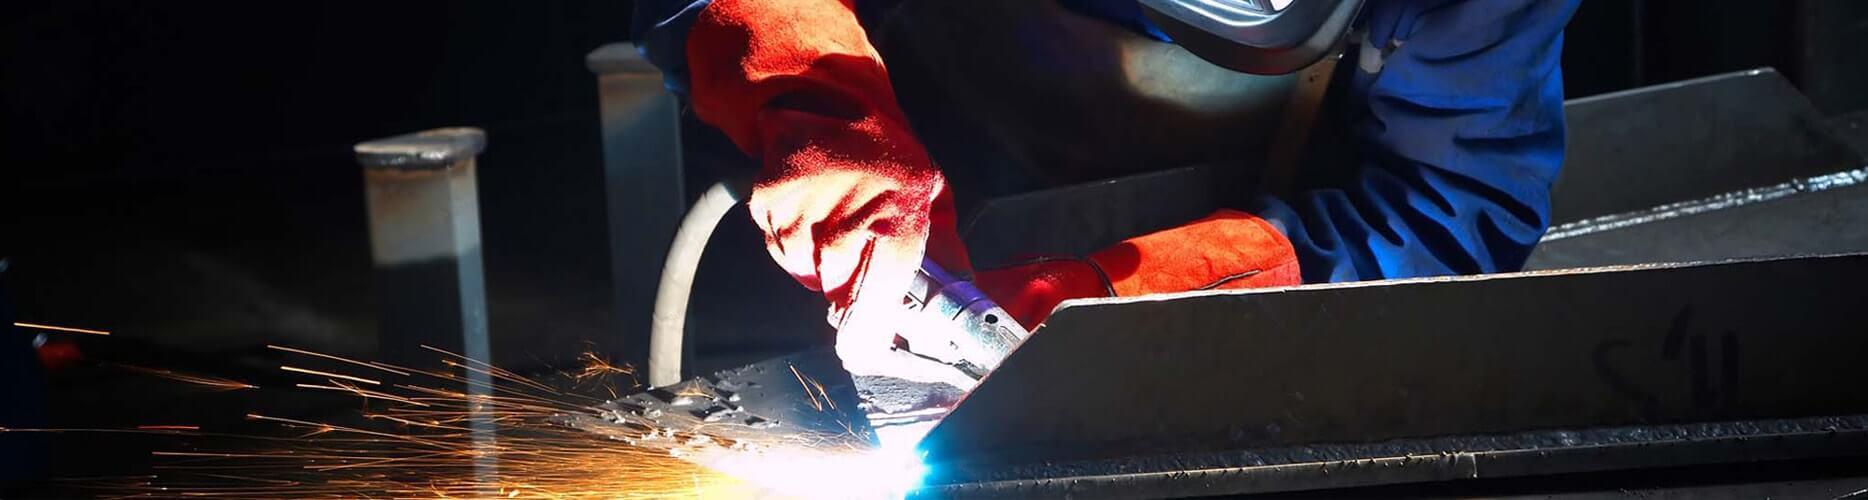 welding5-min